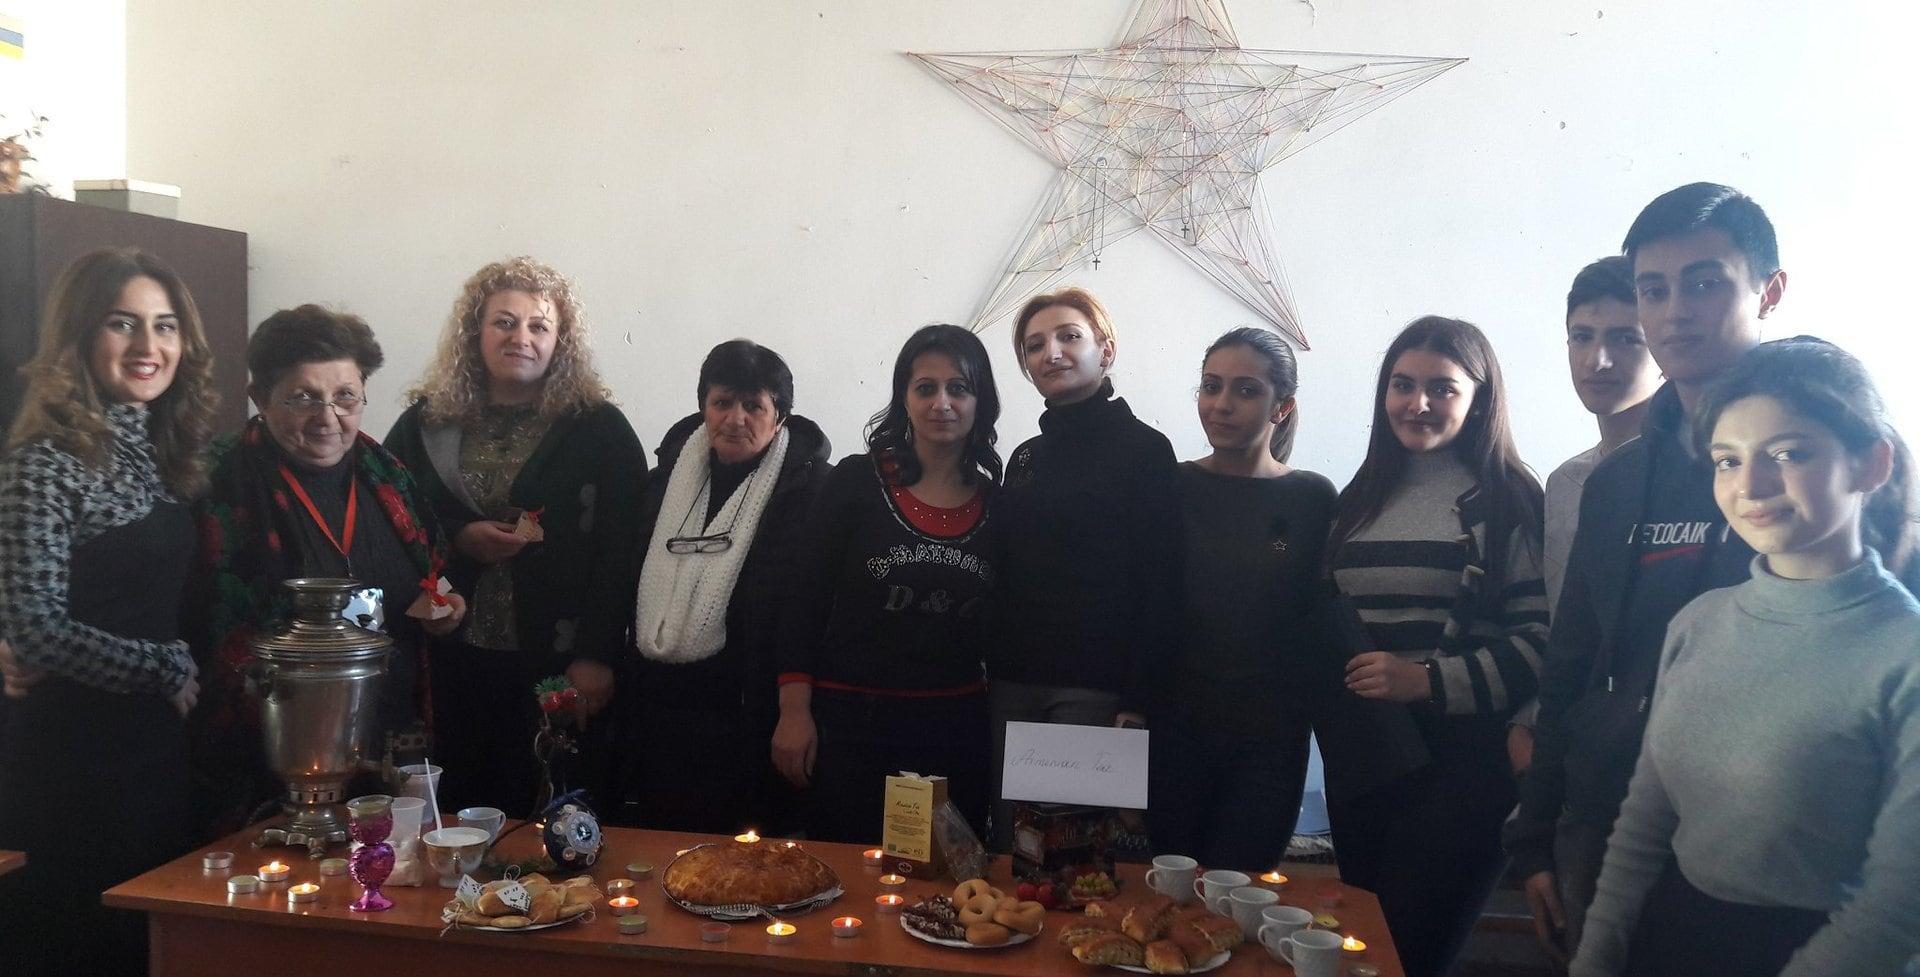 Բաց դաս նվիրված  թեյի միջազգային օրվան